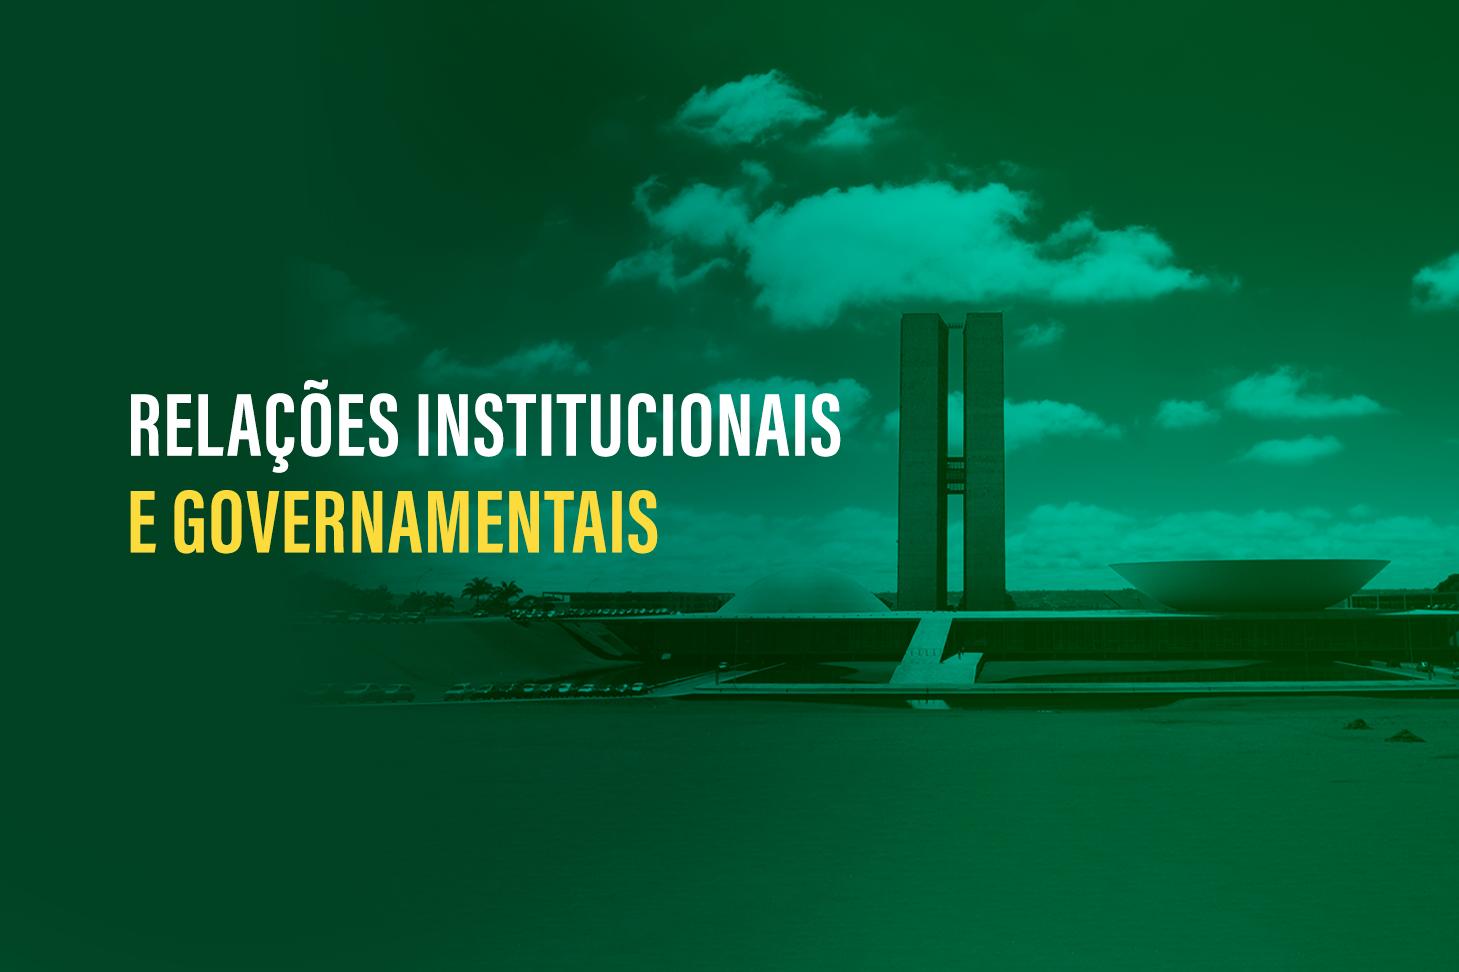 relacoes-governamentais-banner